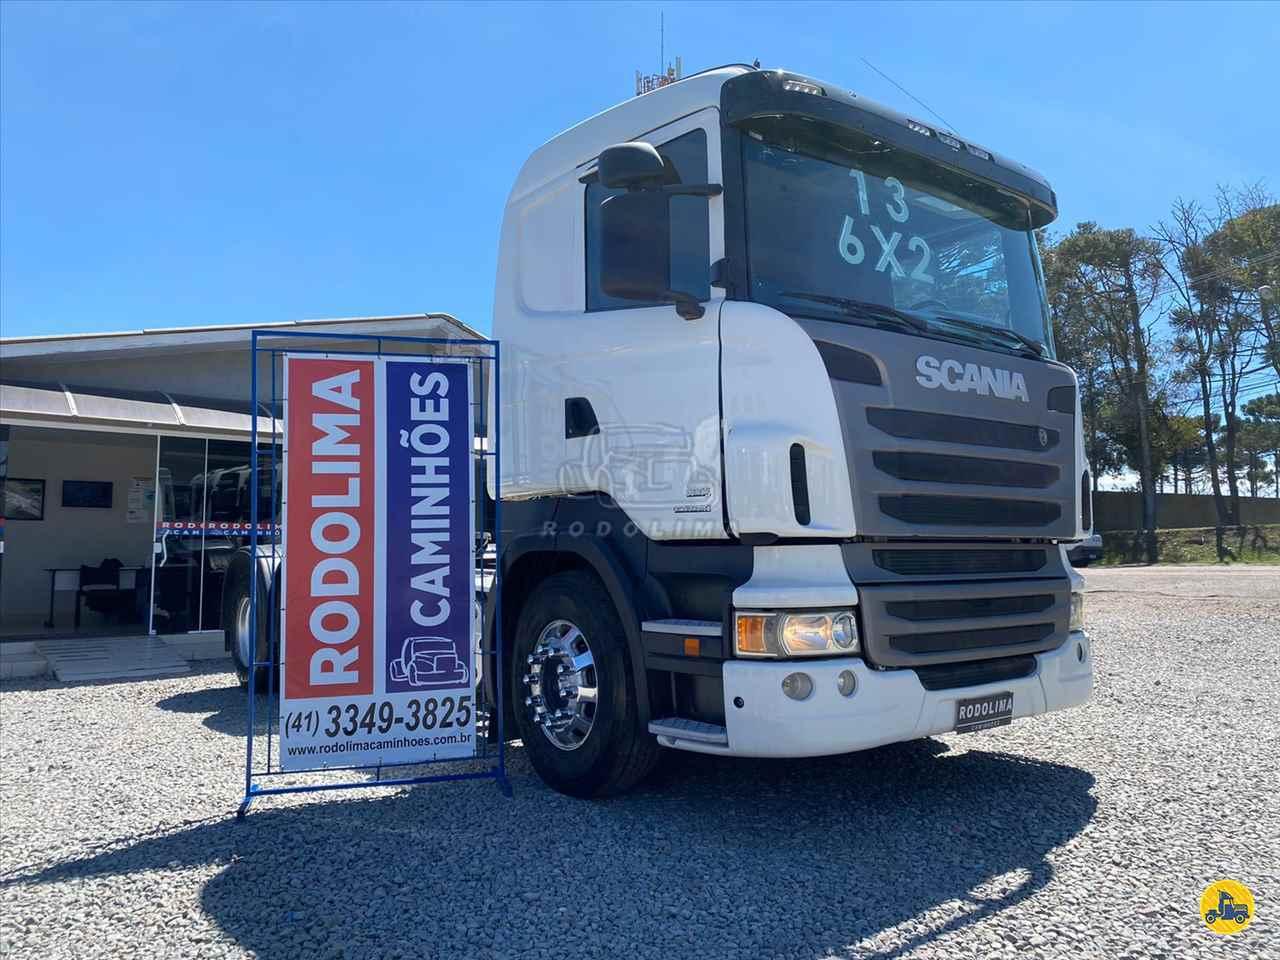 CAMINHAO SCANIA SCANIA 400 Chassis Truck 6x2 Rodolima Caminhões CURITIBA PARANÁ PR